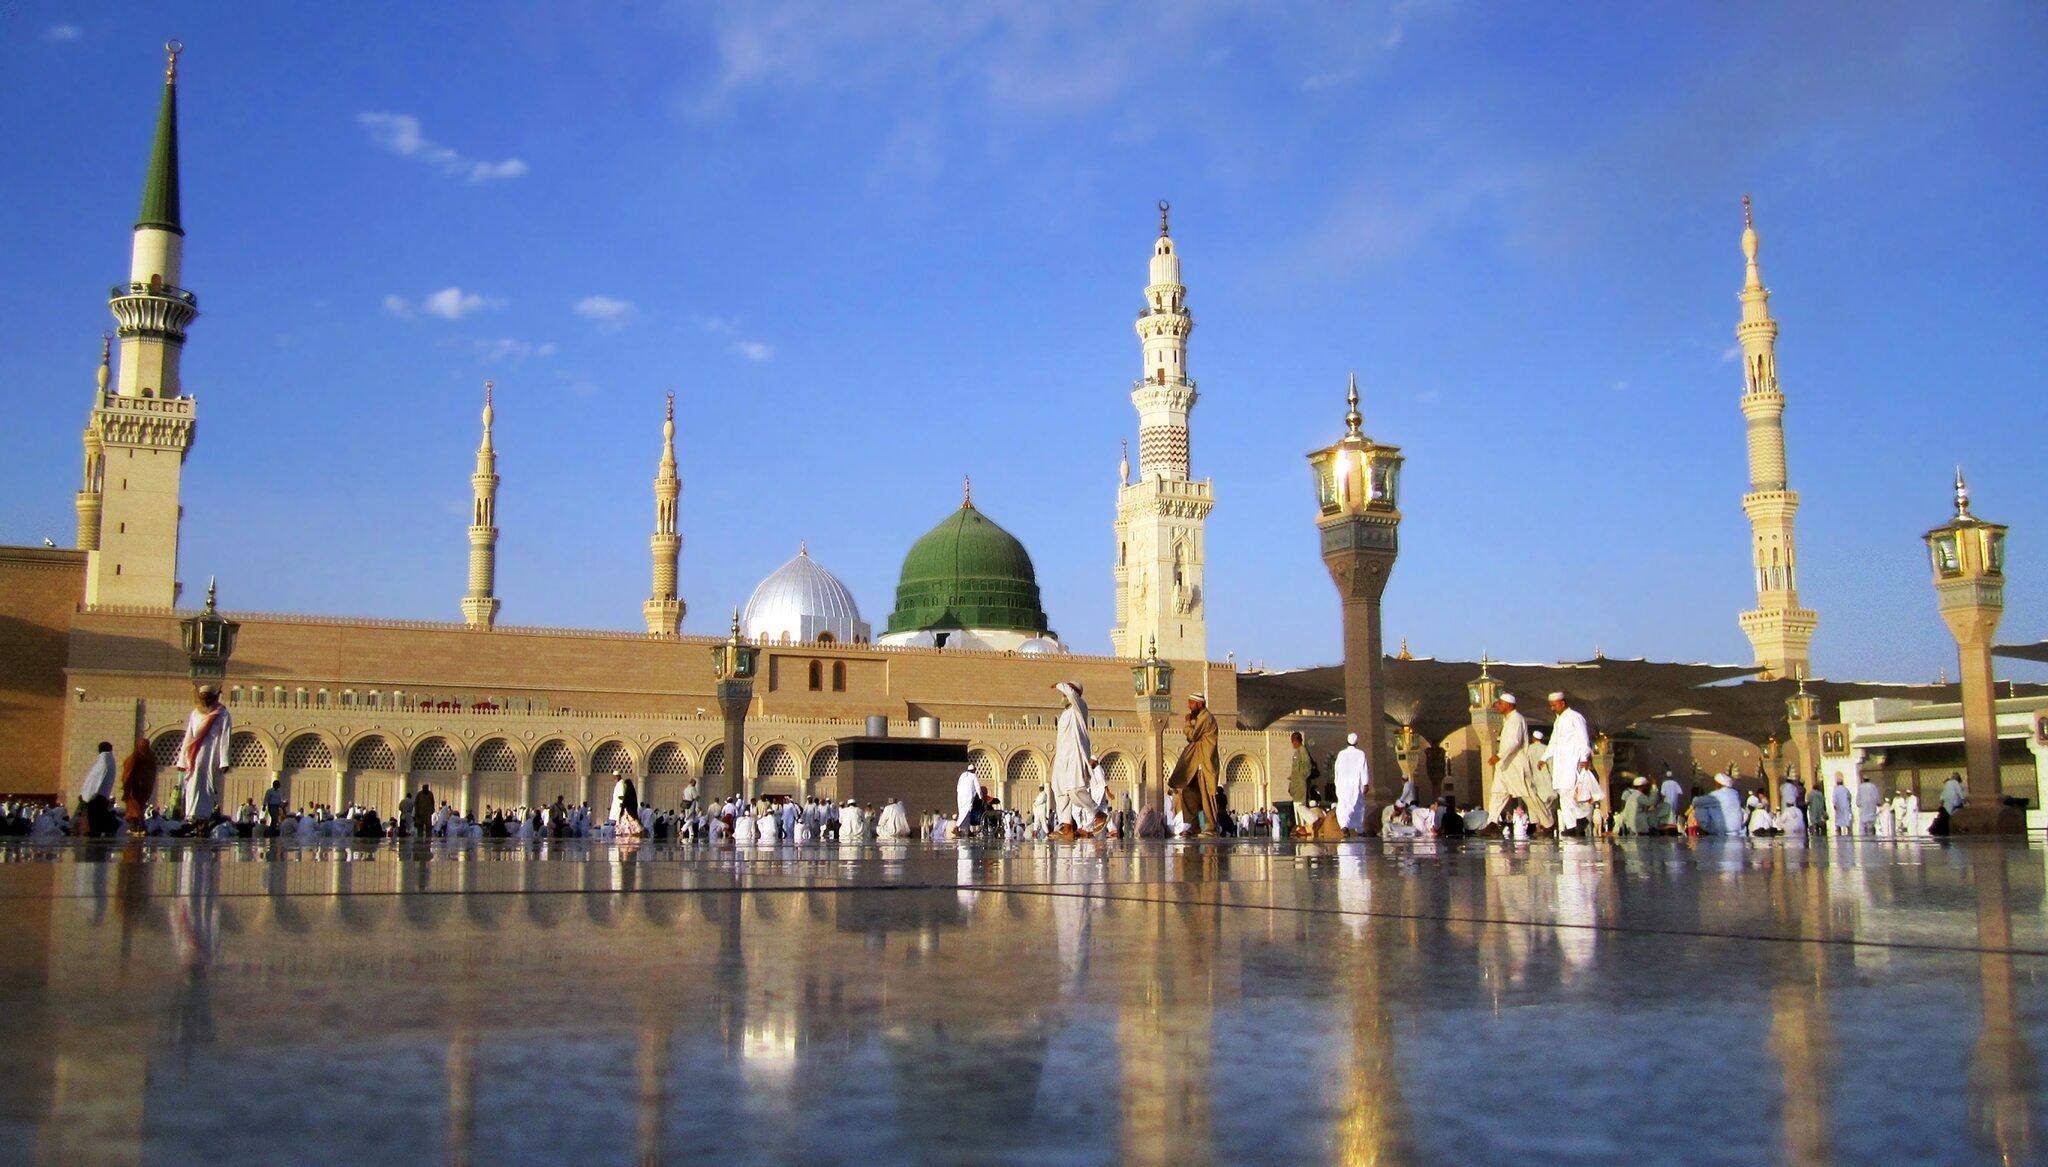 Mahomet został pochowany wMeczecie Proroka − miejscu, gdzie znajdował się jego dom wMedynie. Obok spoczywa jego córka Fatima, anieopodal wielcy następcy Mahometa ipierwsi przywódcy muzułmanów: Abu Bakr iUmar. Medyna jest drugim po Mekce świętym miastem islamu. Trzecim jest Jerozolima. Mahomet został pochowany wMeczecie Proroka − miejscu, gdzie znajdował się jego dom wMedynie. Obok spoczywa jego córka Fatima, anieopodal wielcy następcy Mahometa ipierwsi przywódcy muzułmanów: Abu Bakr iUmar. Medyna jest drugim po Mekce świętym miastem islamu. Trzecim jest Jerozolima. Źródło: Wurzelgnohm, Wikimedia Commons, licencja: CC 0.